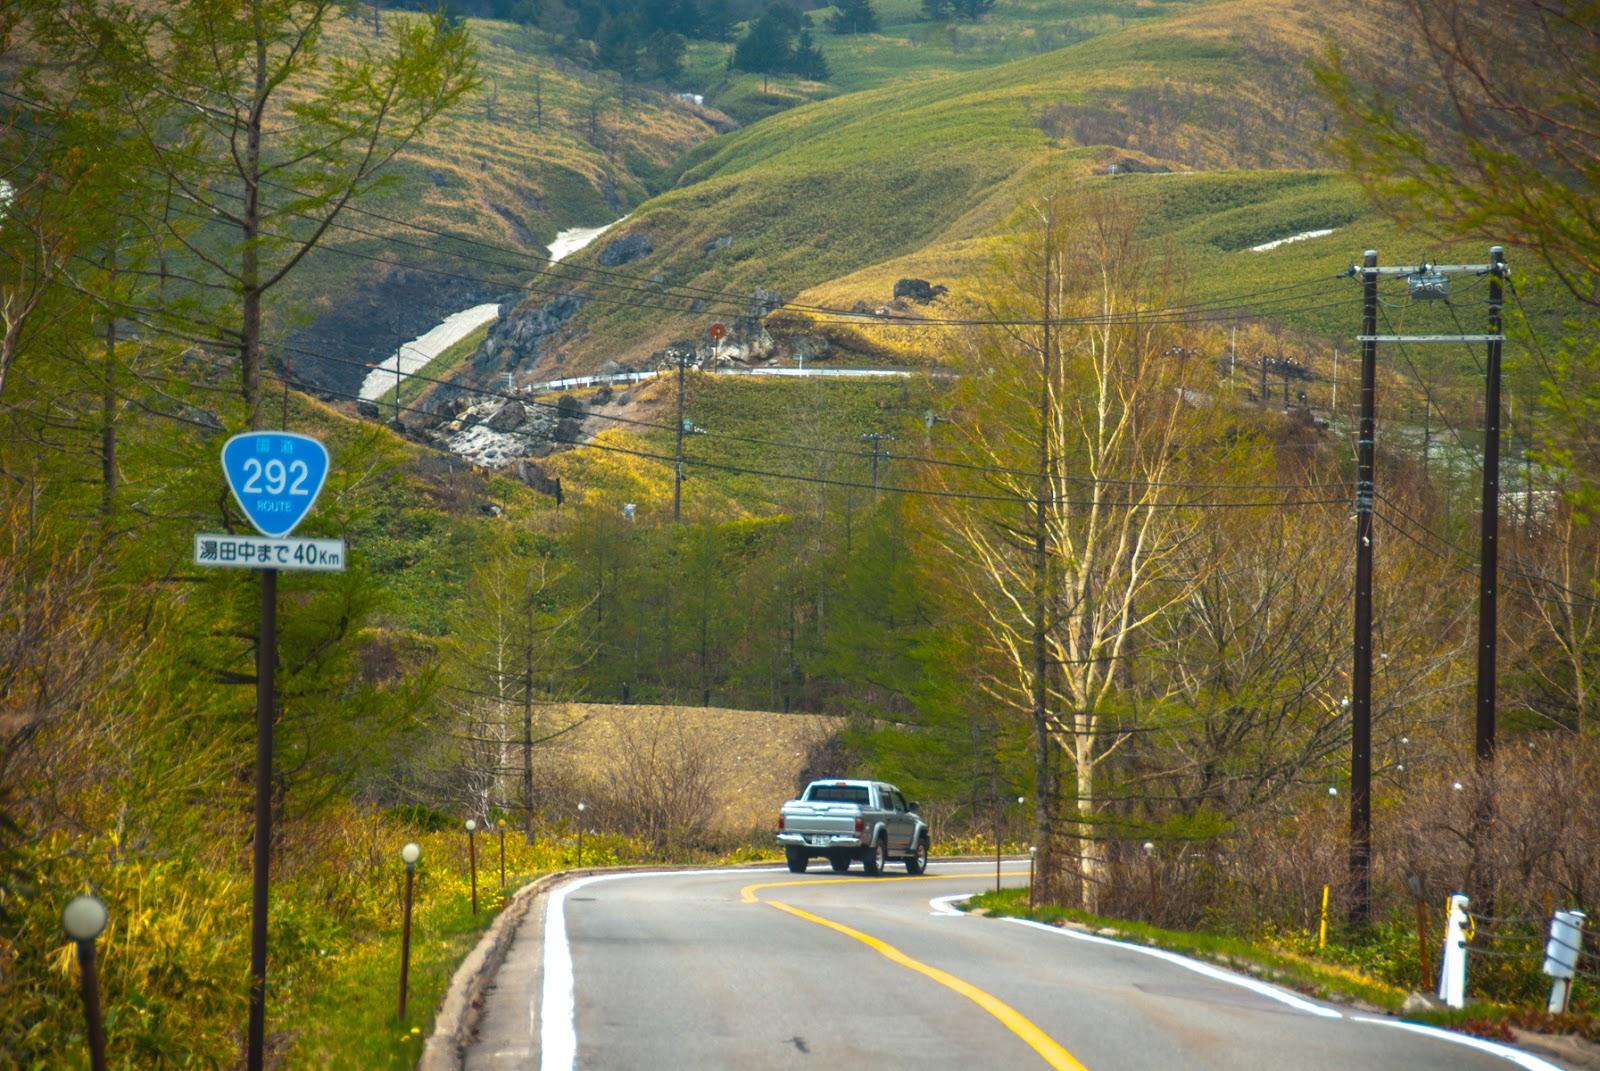 国道292号線の険しい山道